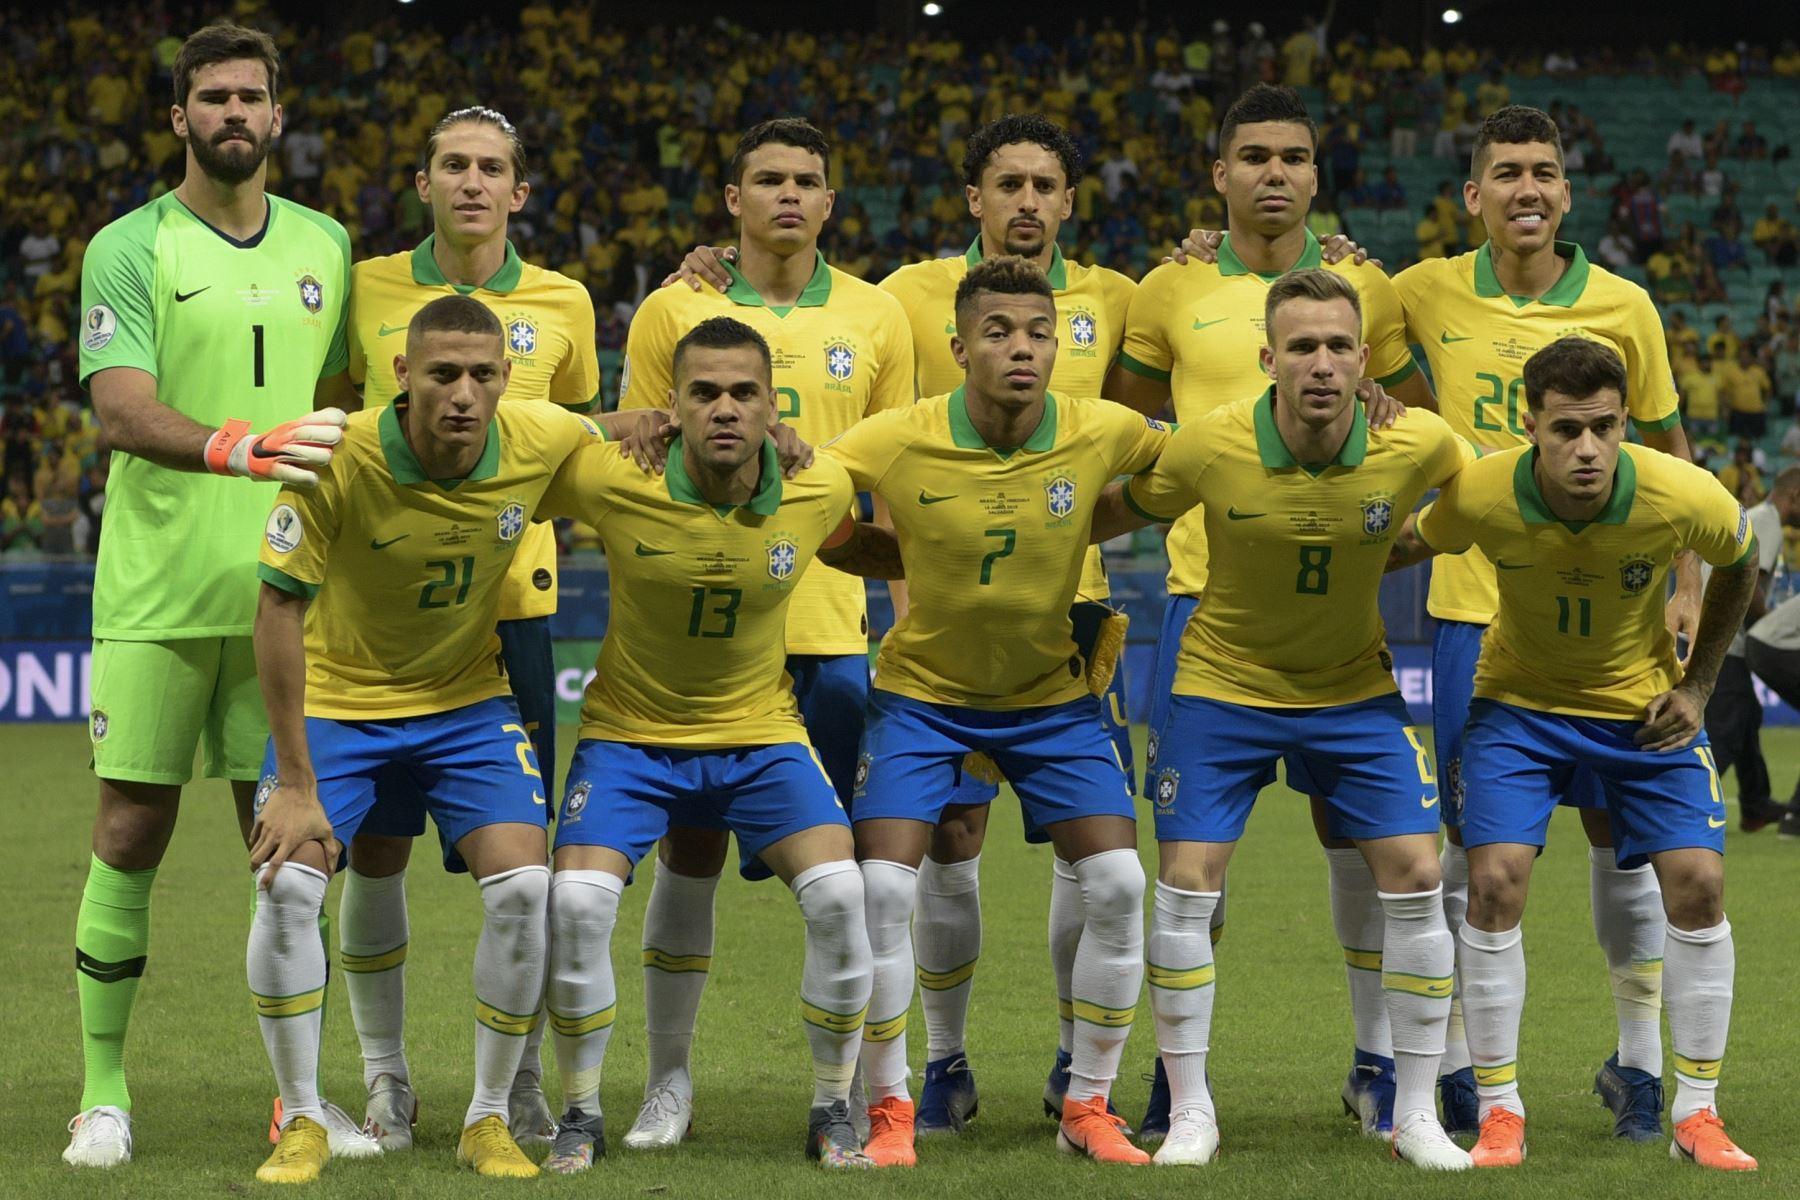 Los jugadores de Brasil posan para las fotos antes de su partido de torneo de fútbol de Copa América contra Venezuela  en Salvador en Brasil. Foto: AFP